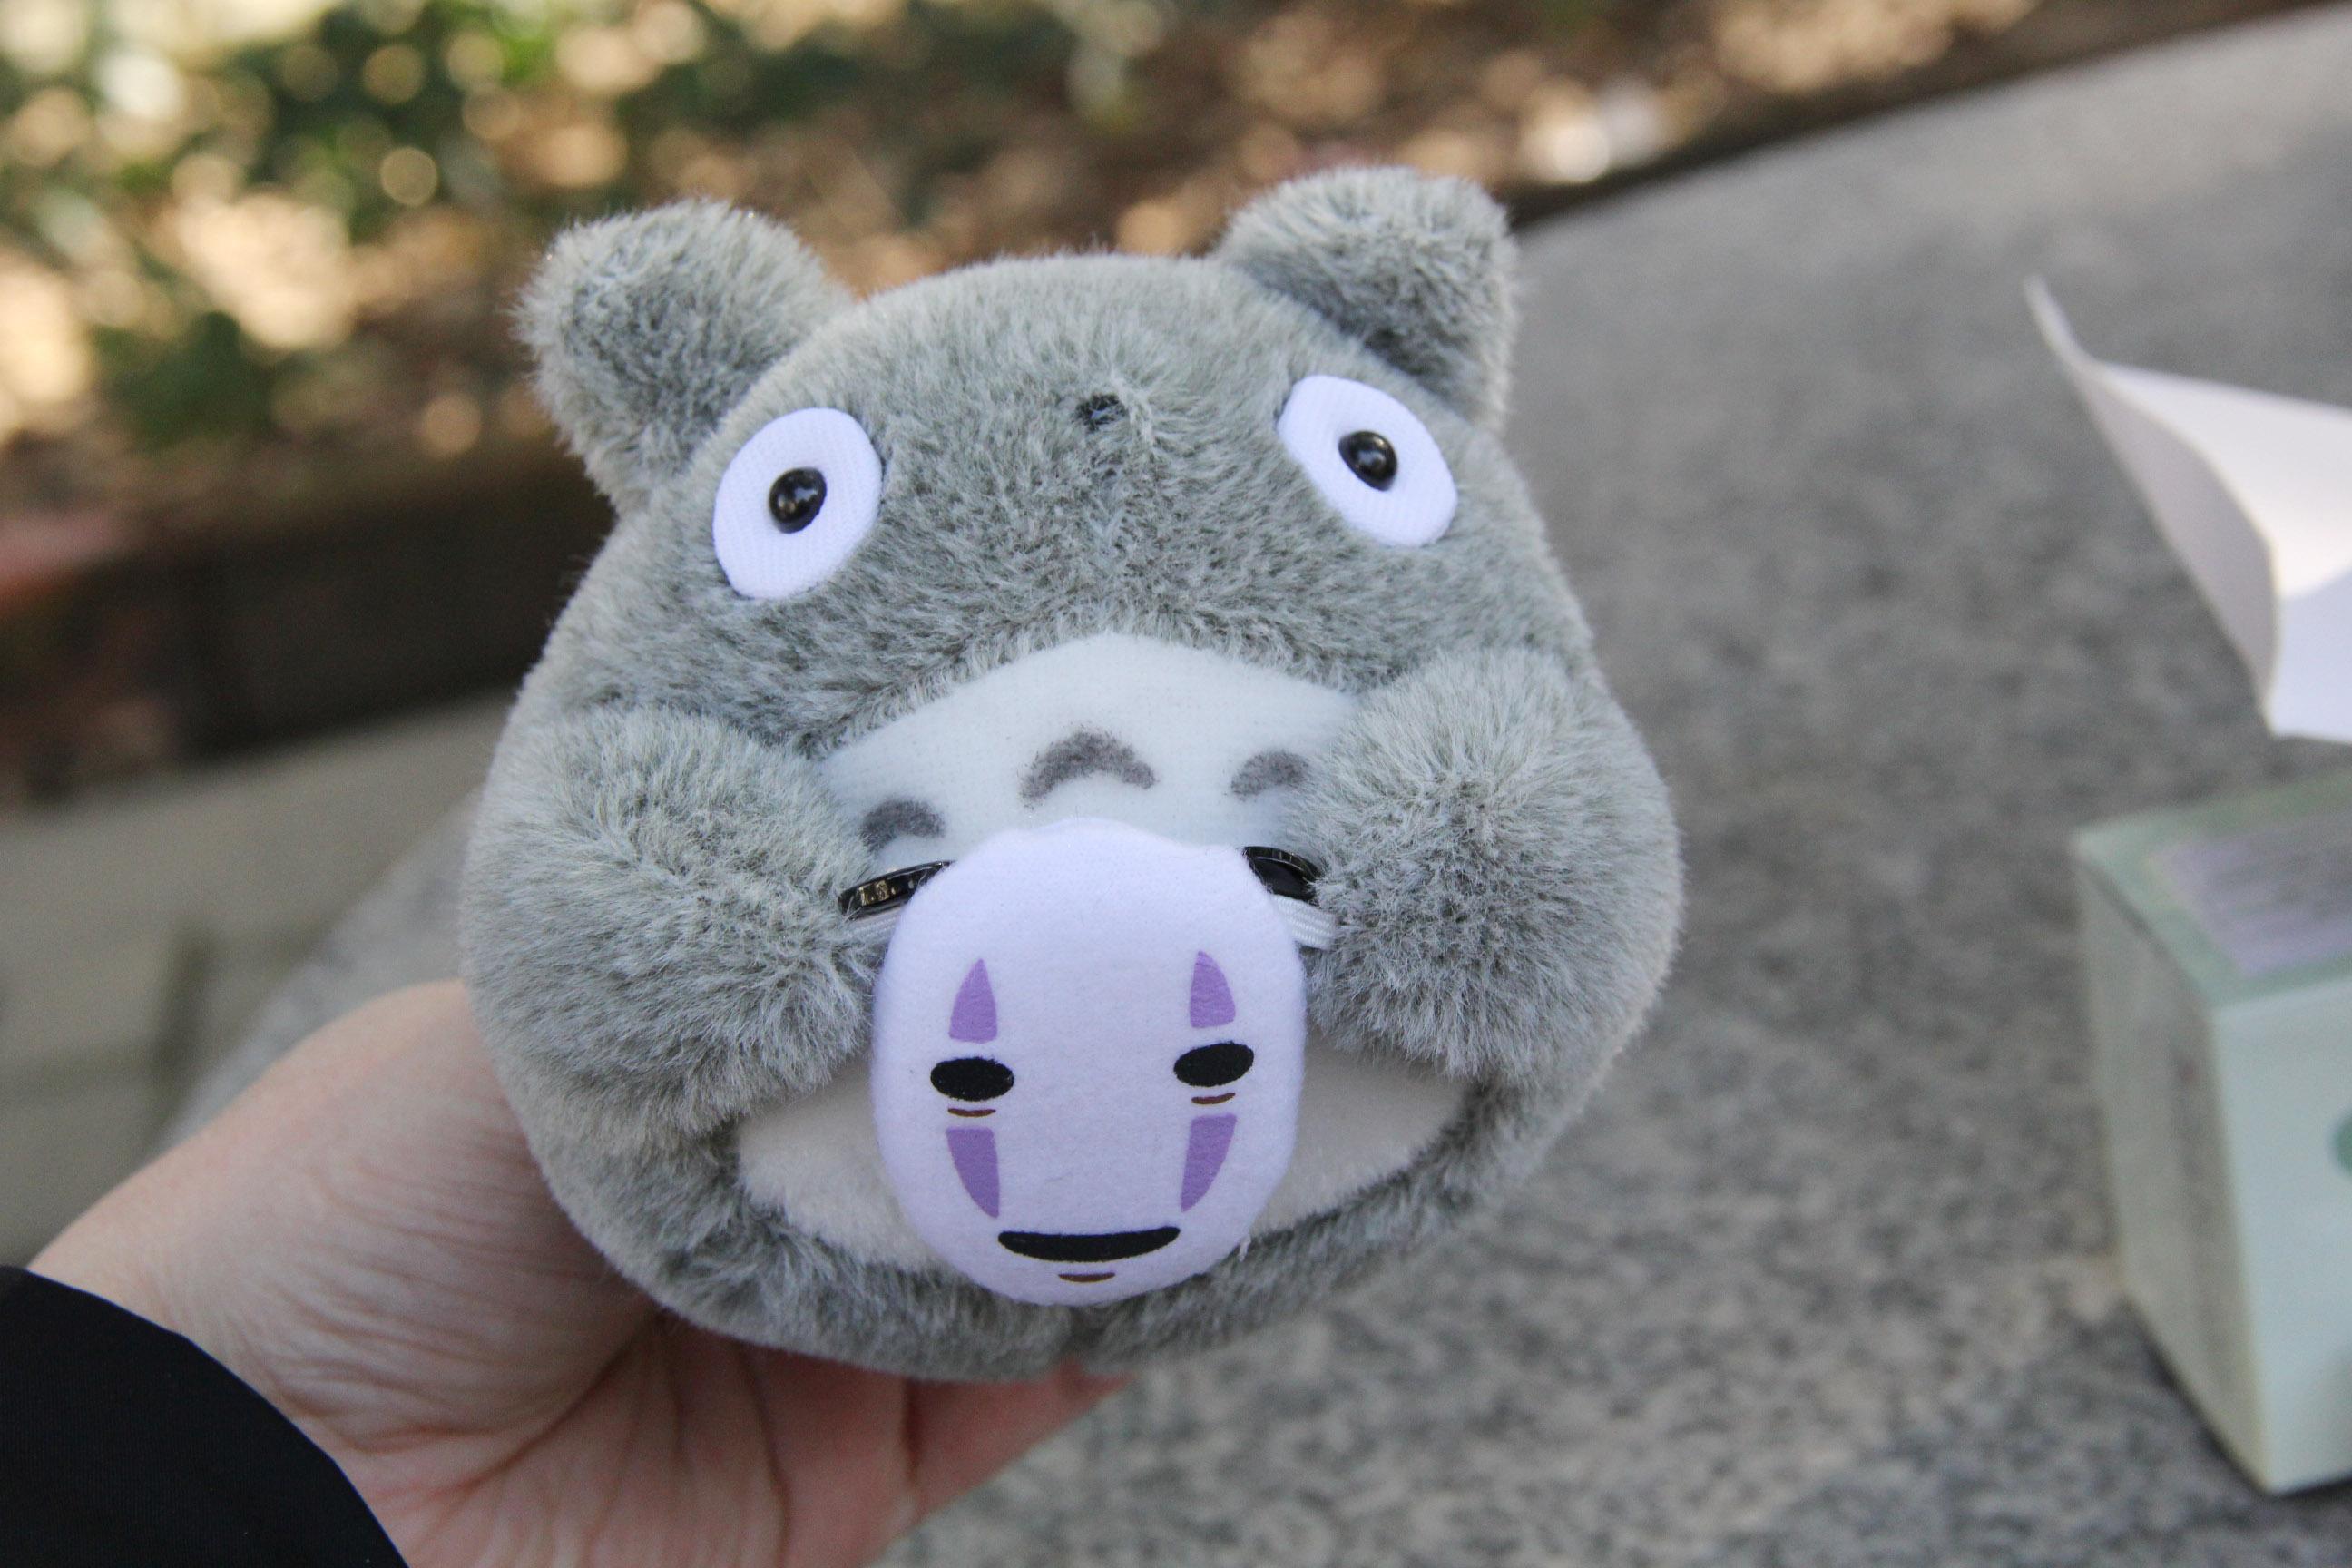 送给小朋友最可爱了,拿在手里超级萌~ 抱着鬼脸面具的小龙猫,定制版